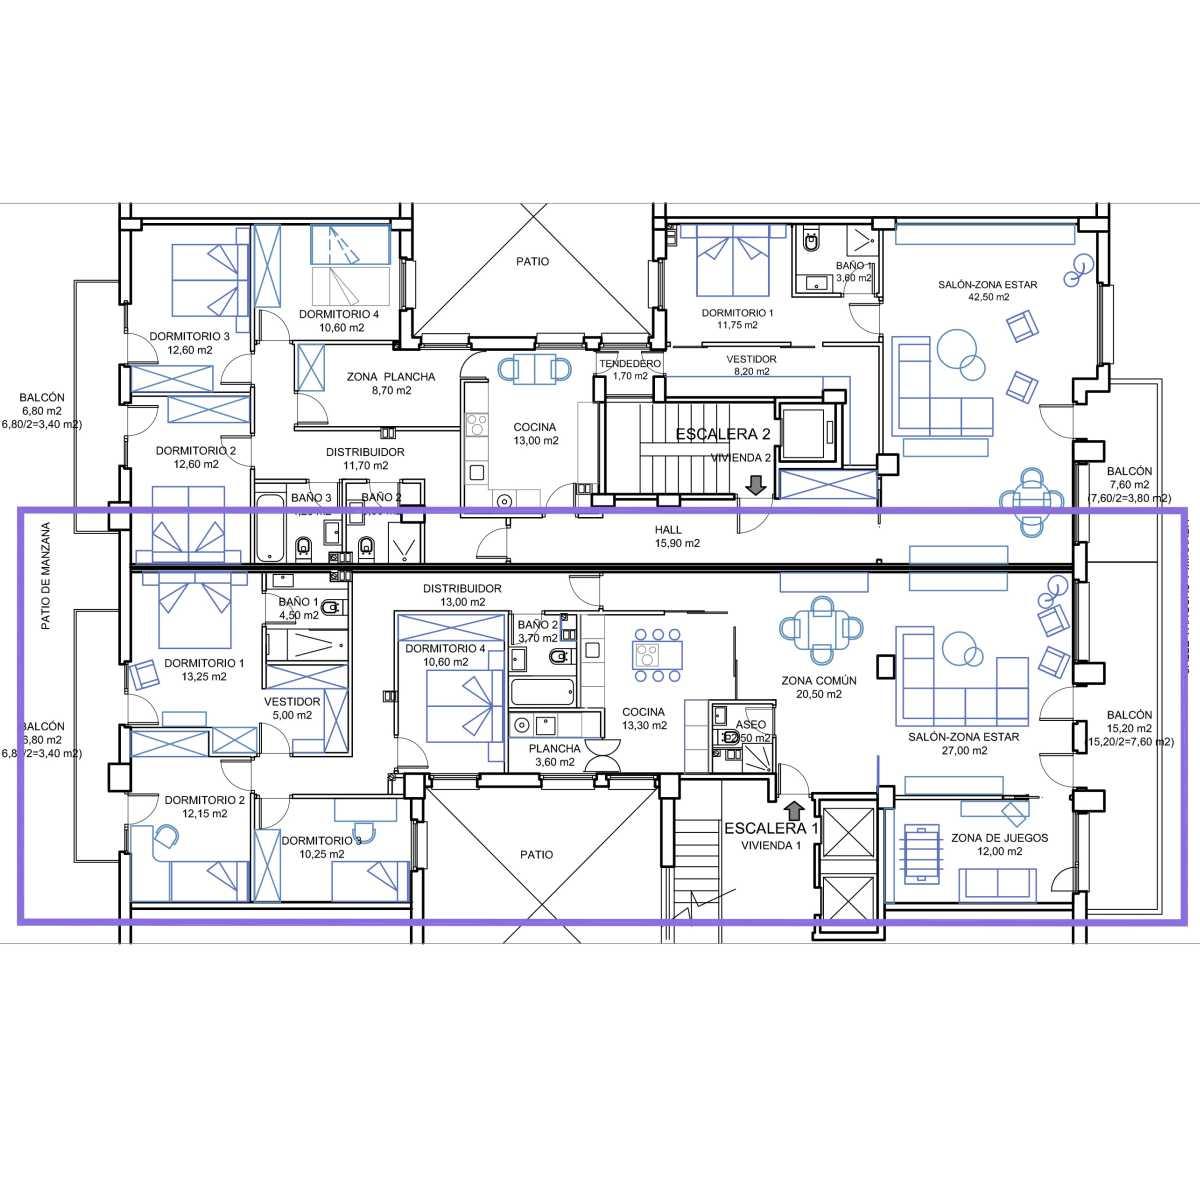 La vivienda existente de 332,10 m2 útiles se segrega en dos, para poder distribuir una de ellas para los padres y la otra para el hijo y su pareja que estaban esperando su primer hijo.